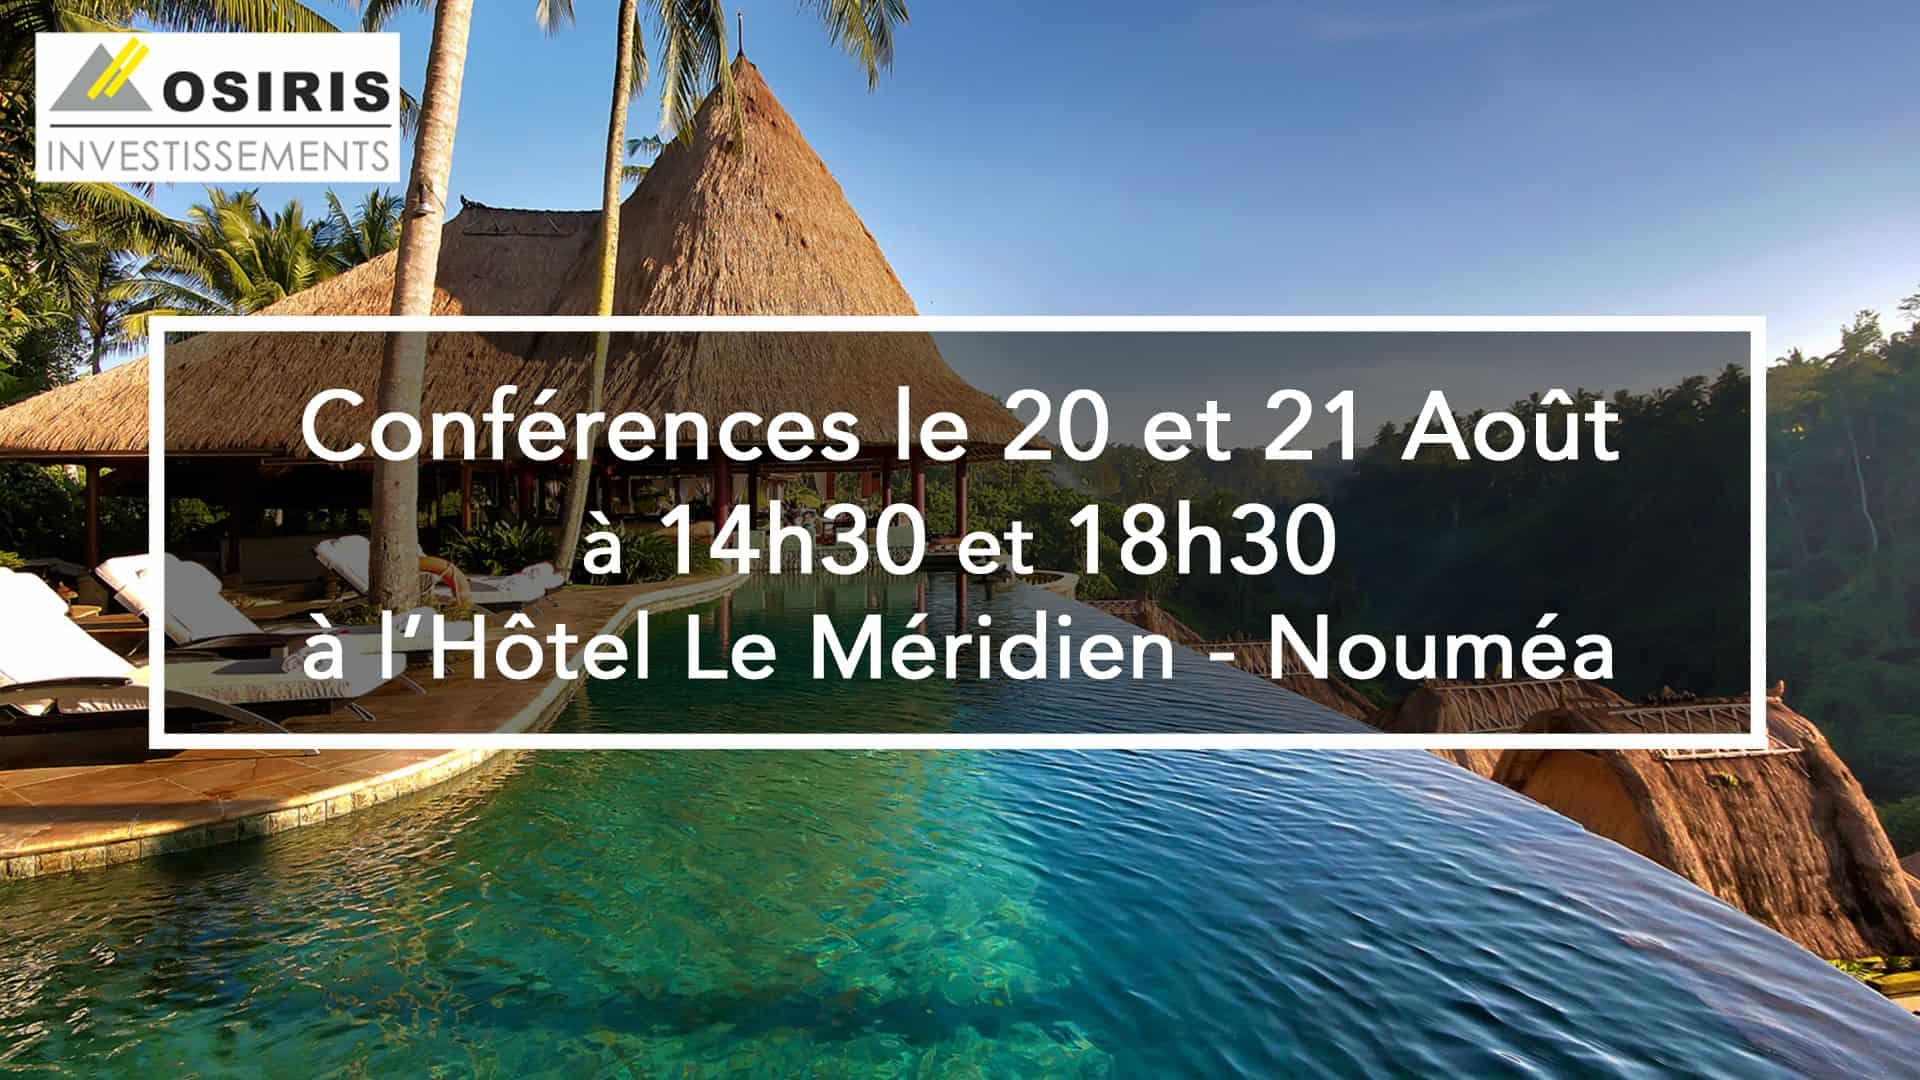 Conférence 20 et 21 Août à Nouméa, à l'hôtel Le Méridien